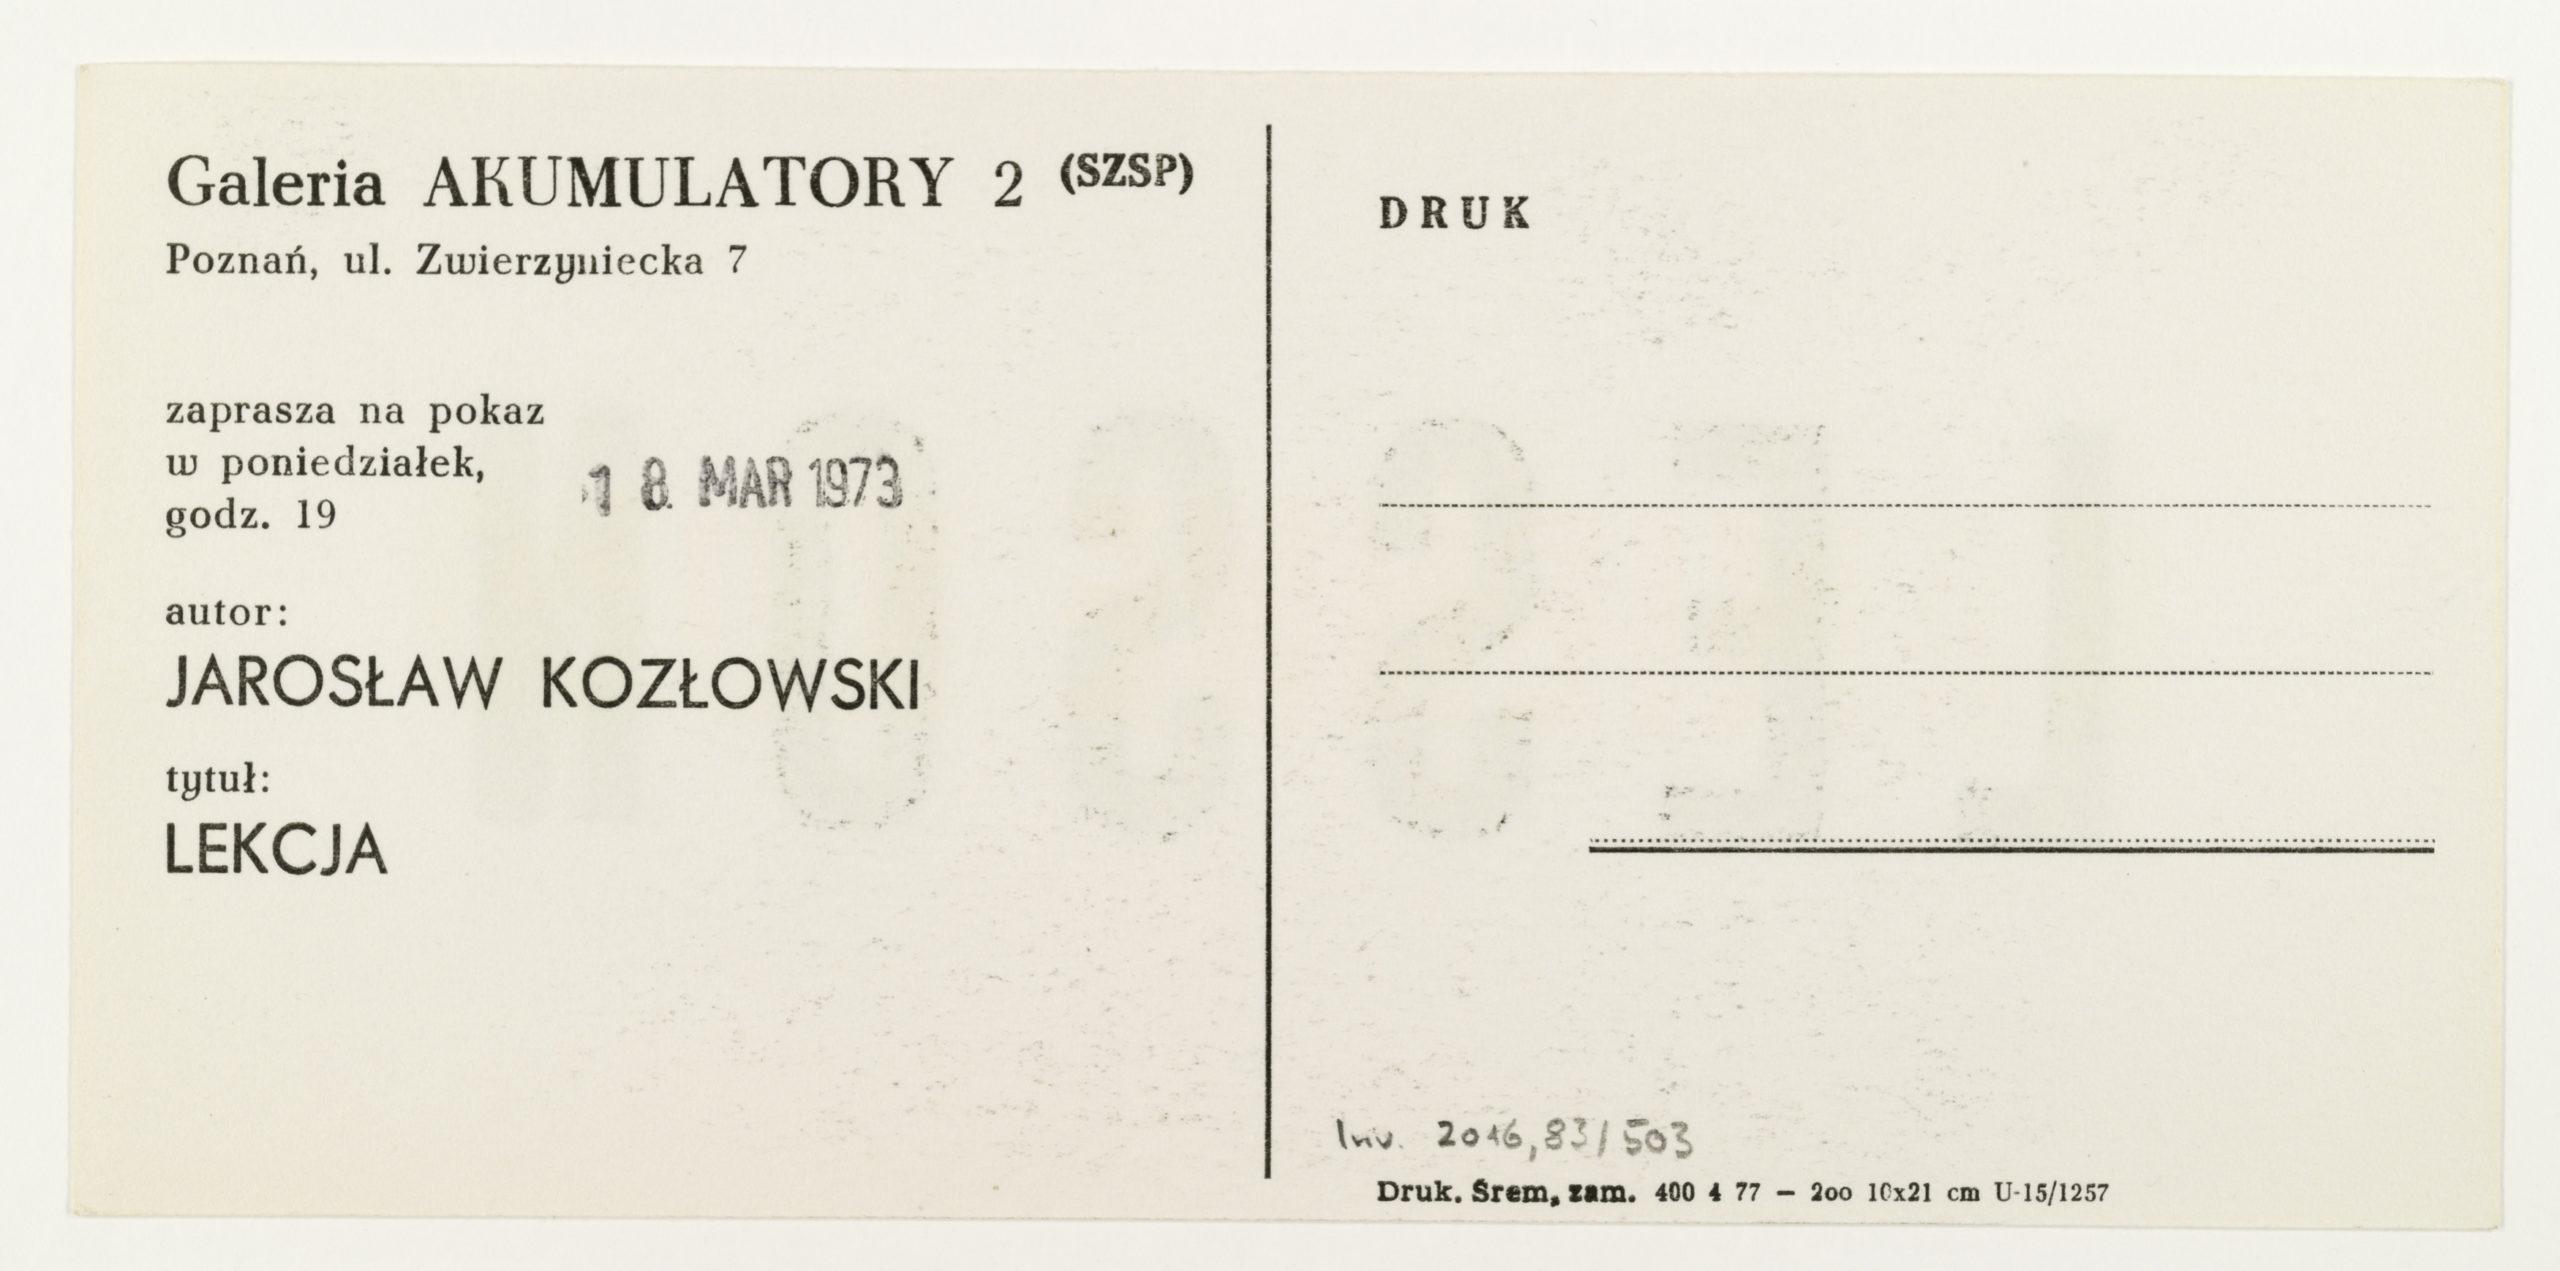 Jarosław Kozłowski, LEKCJA, Galeria Akumulatory 2, Poznań 1973 (invitation); Sammlung Marzona, Kunstbibliothek – Staatliche Museen zu Berlin